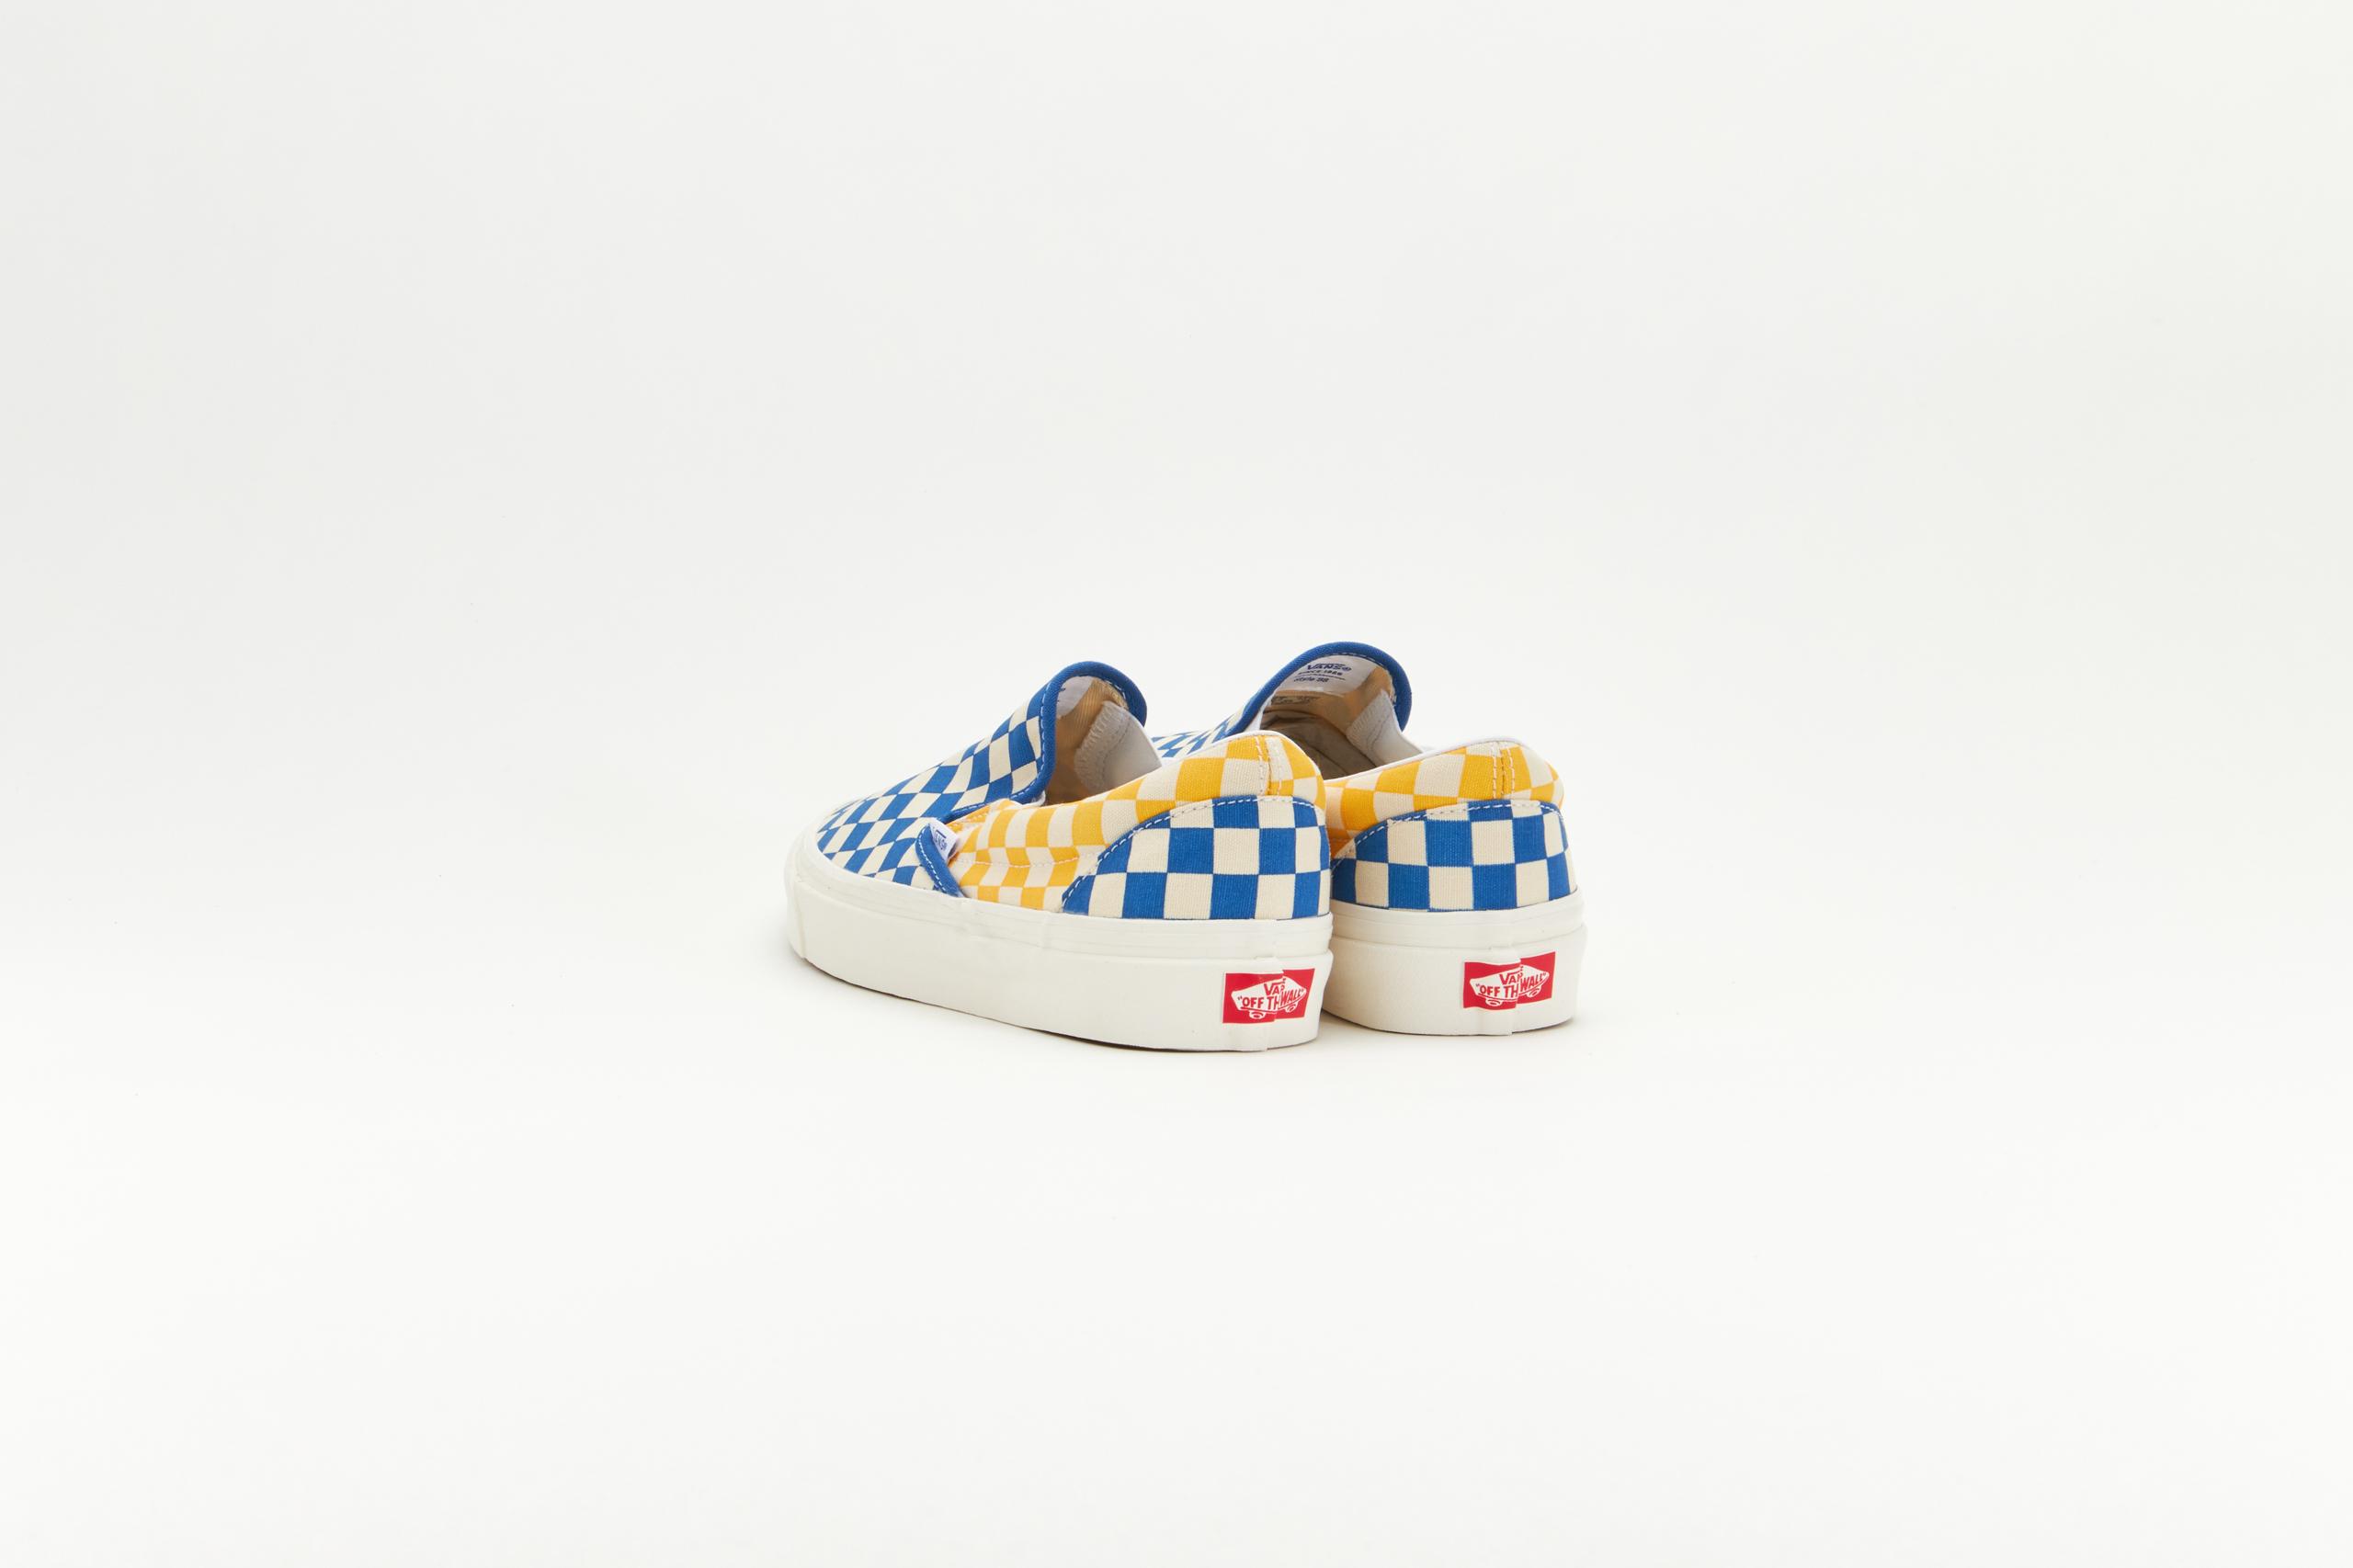 Vans Classic Slip-On 9 Anaheim Factory OG Blue/OG Yellow-OG Checker